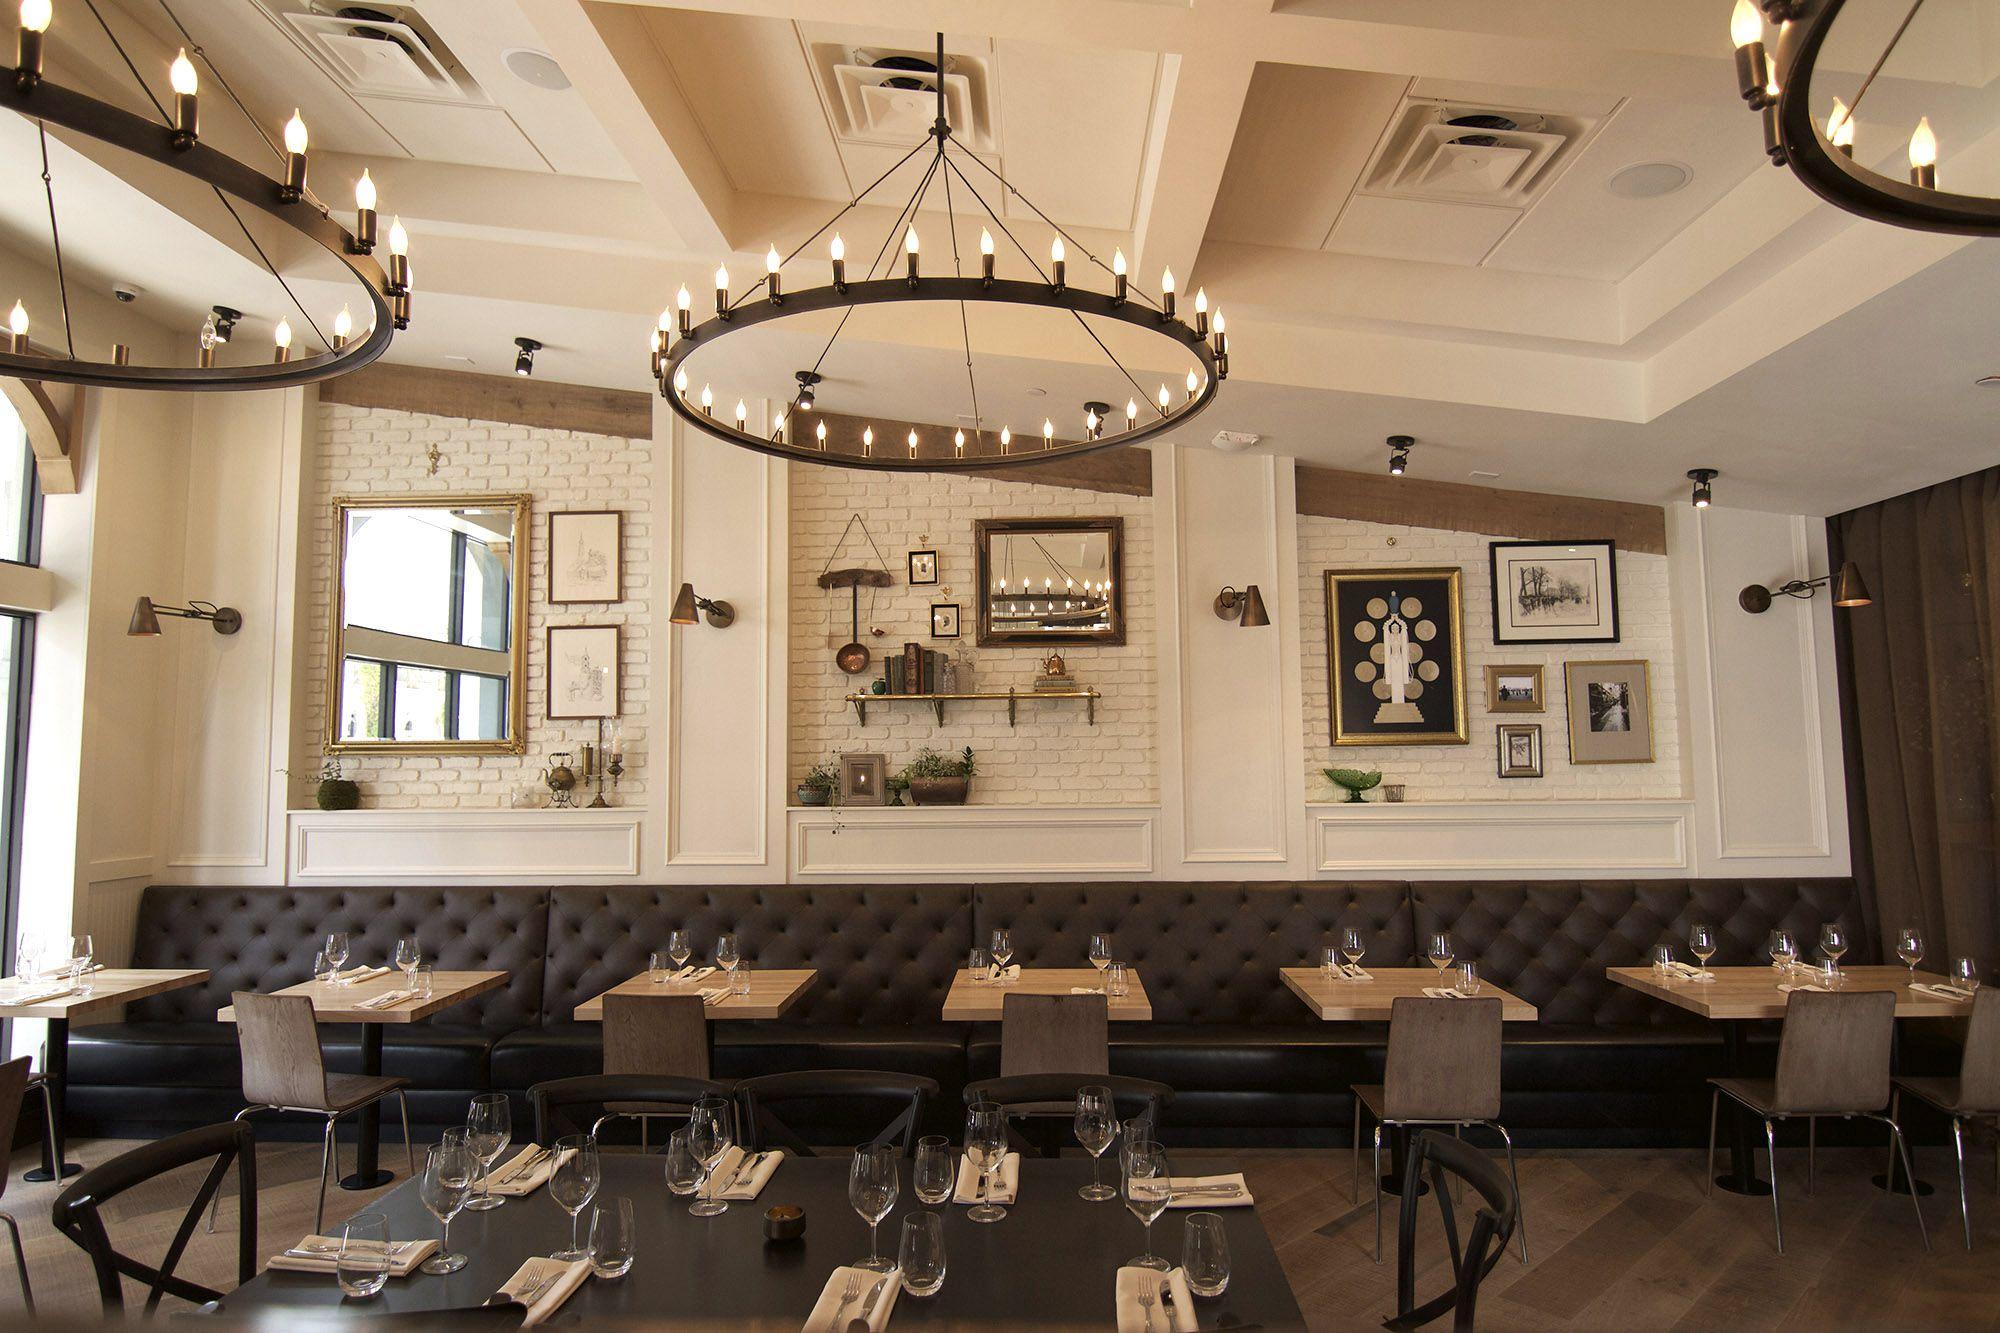 inviting restaurant interior at osprey tavern in orlando fl is made